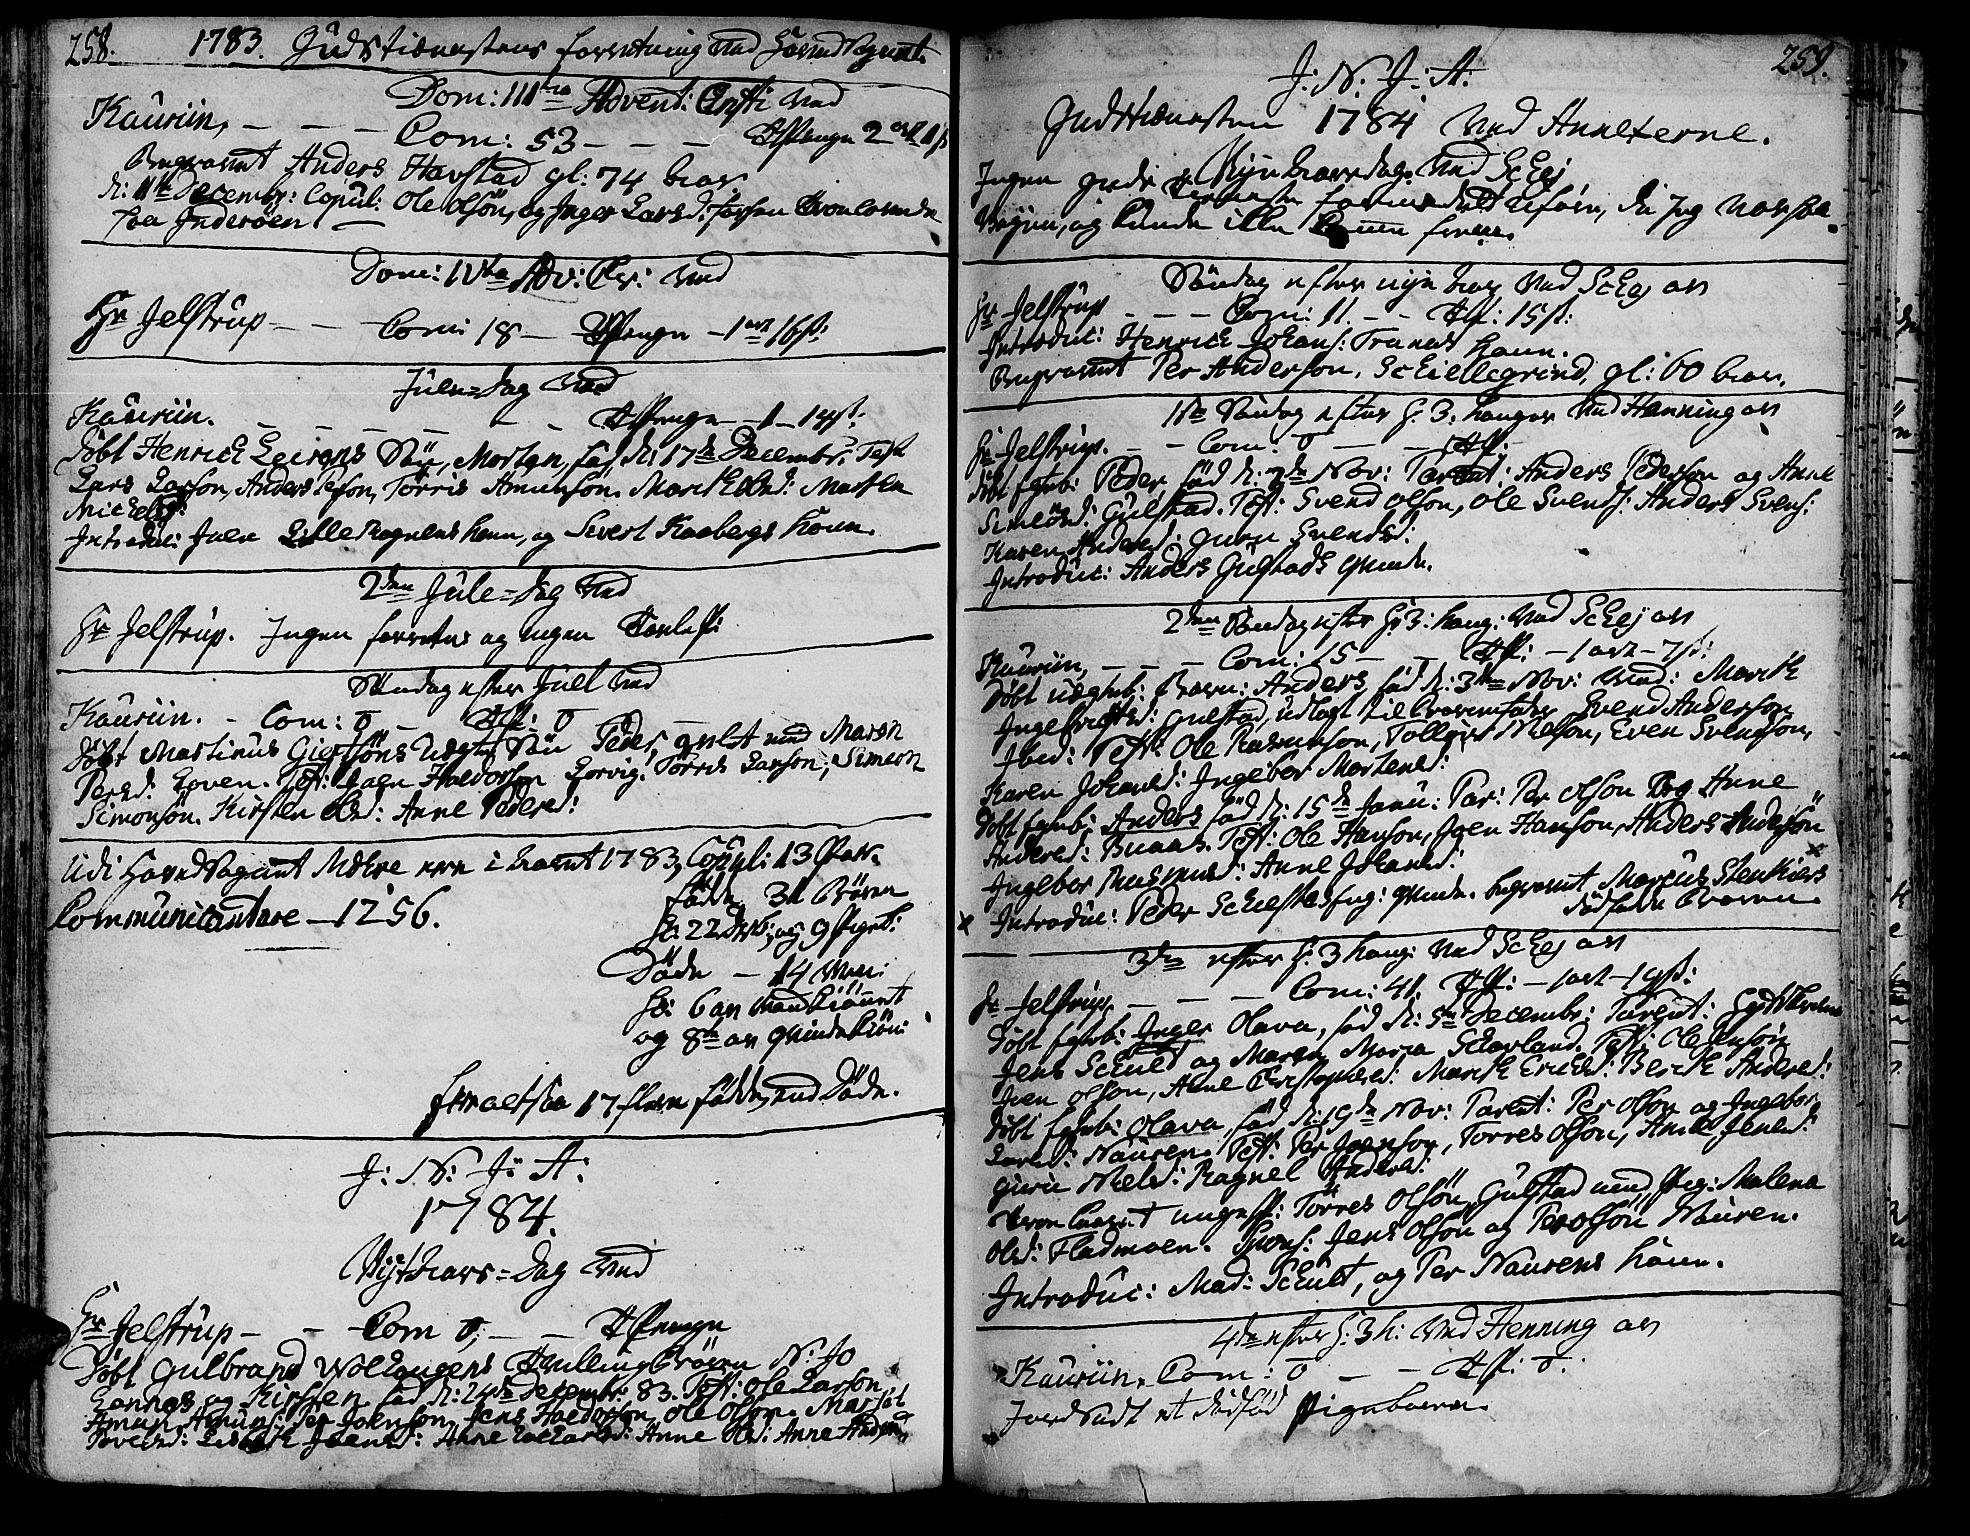 SAT, Ministerialprotokoller, klokkerbøker og fødselsregistre - Nord-Trøndelag, 735/L0331: Ministerialbok nr. 735A02, 1762-1794, s. 258-259